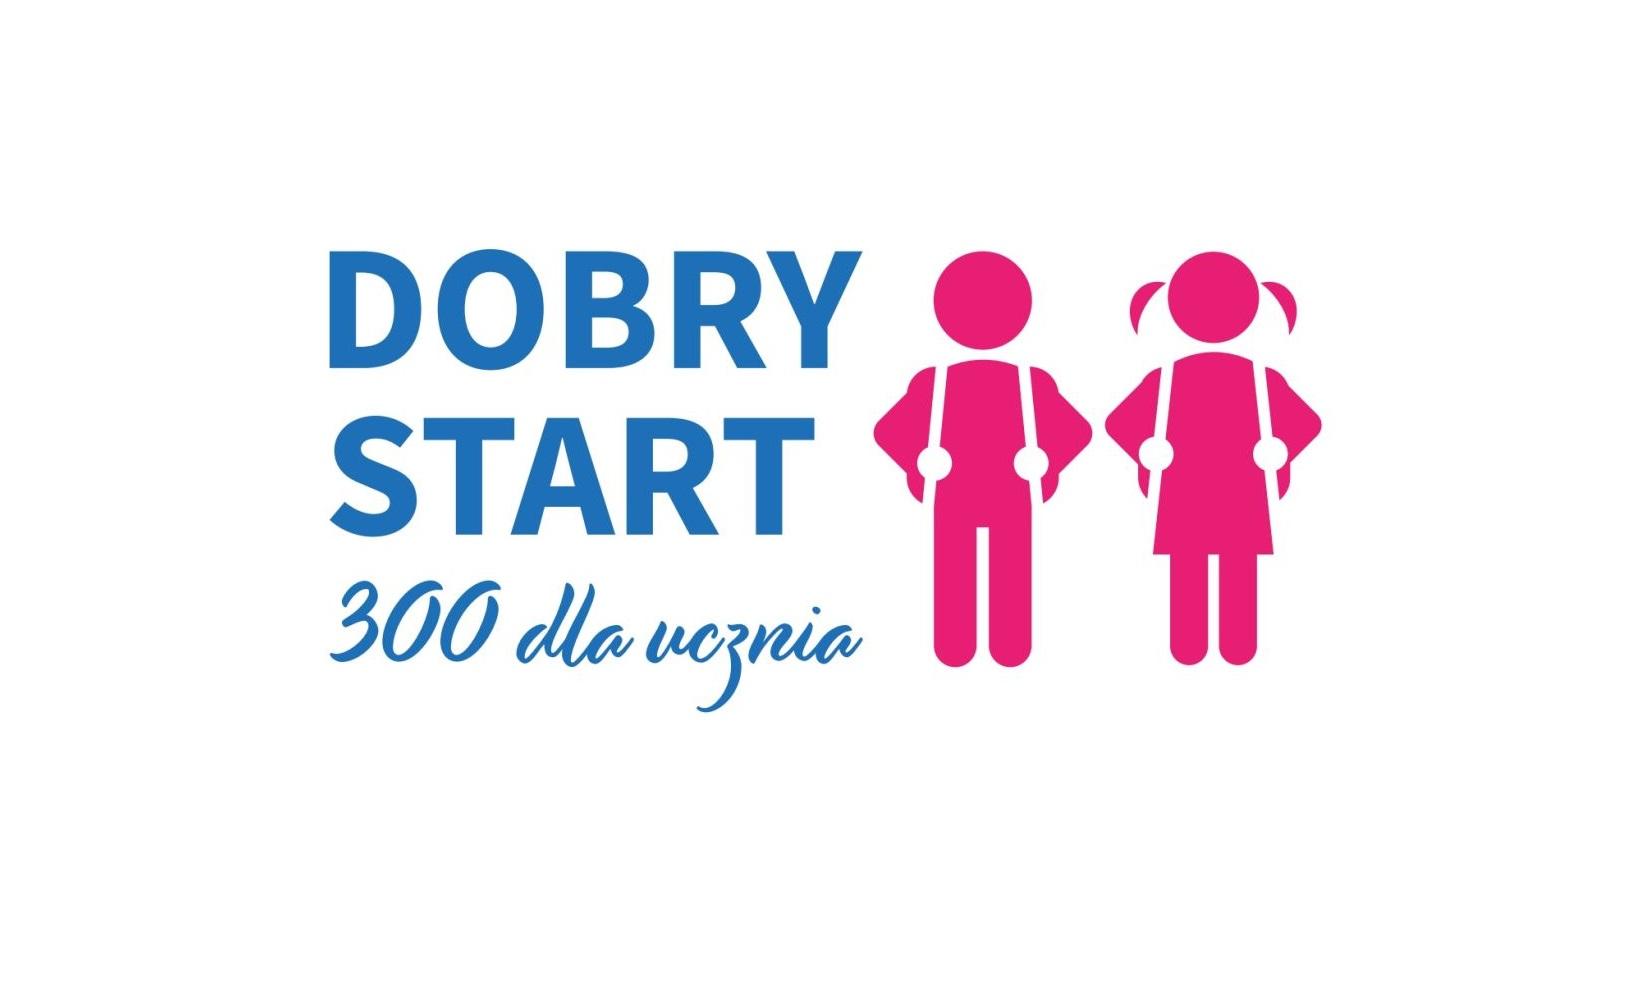 DOBRY START 300 dla ucznia - spotkanie z ekspertem ZUS w Urzędzie Gminy Limanowa - zdjęcie główne